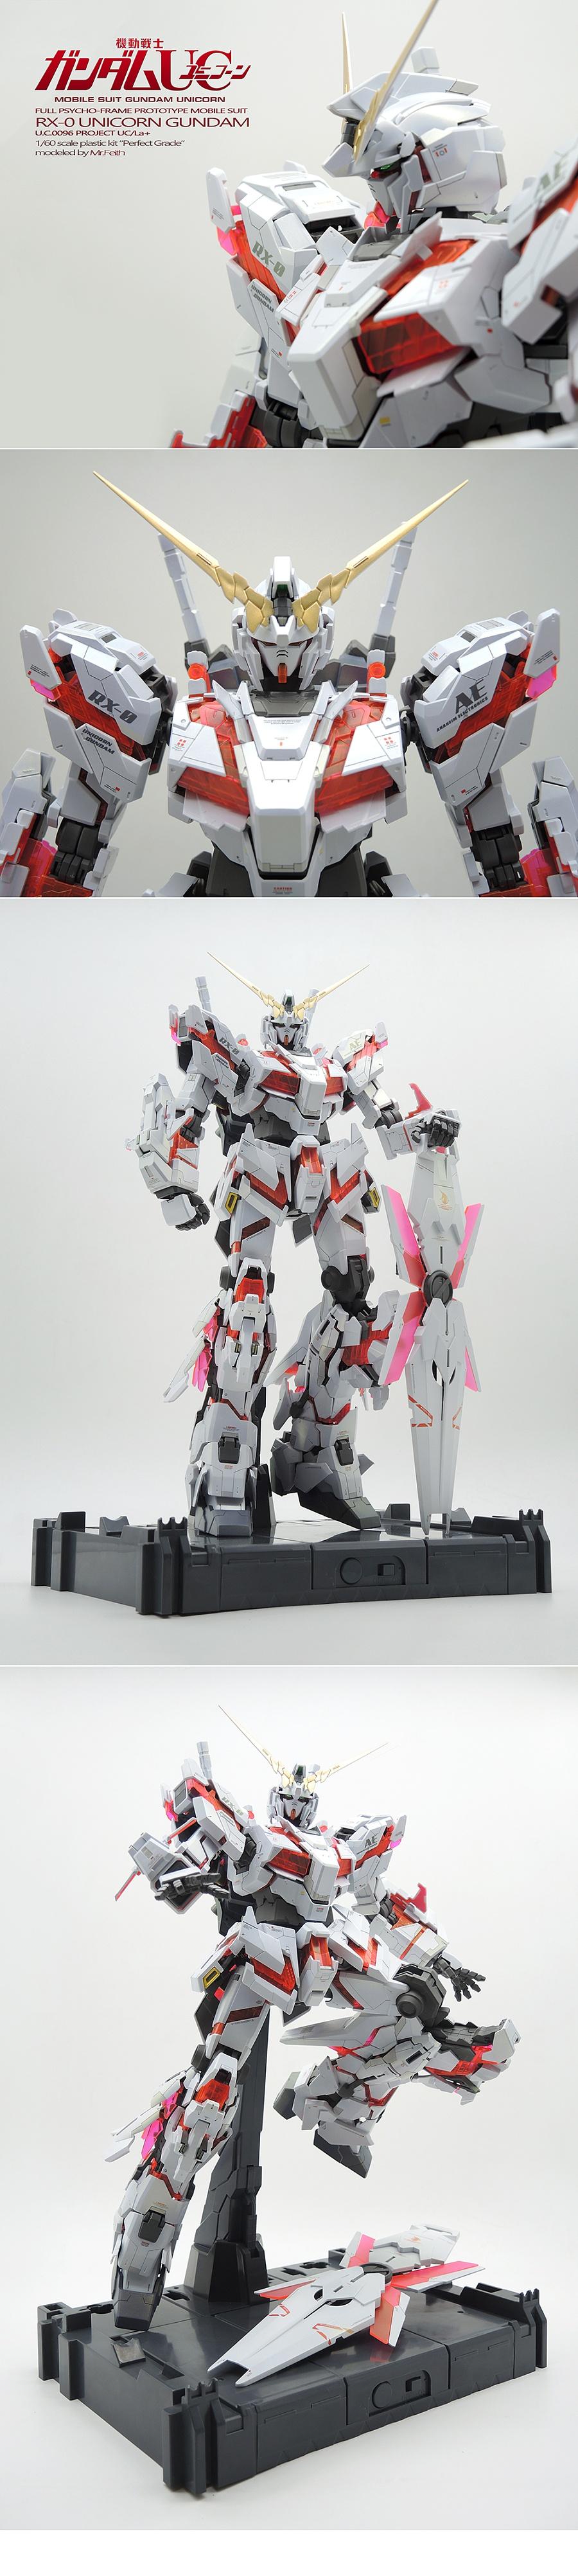 查看《PG RX-0 Gundam Unicorn 独角兽高达 喷涂作品》原图,原图尺寸:1000x4454